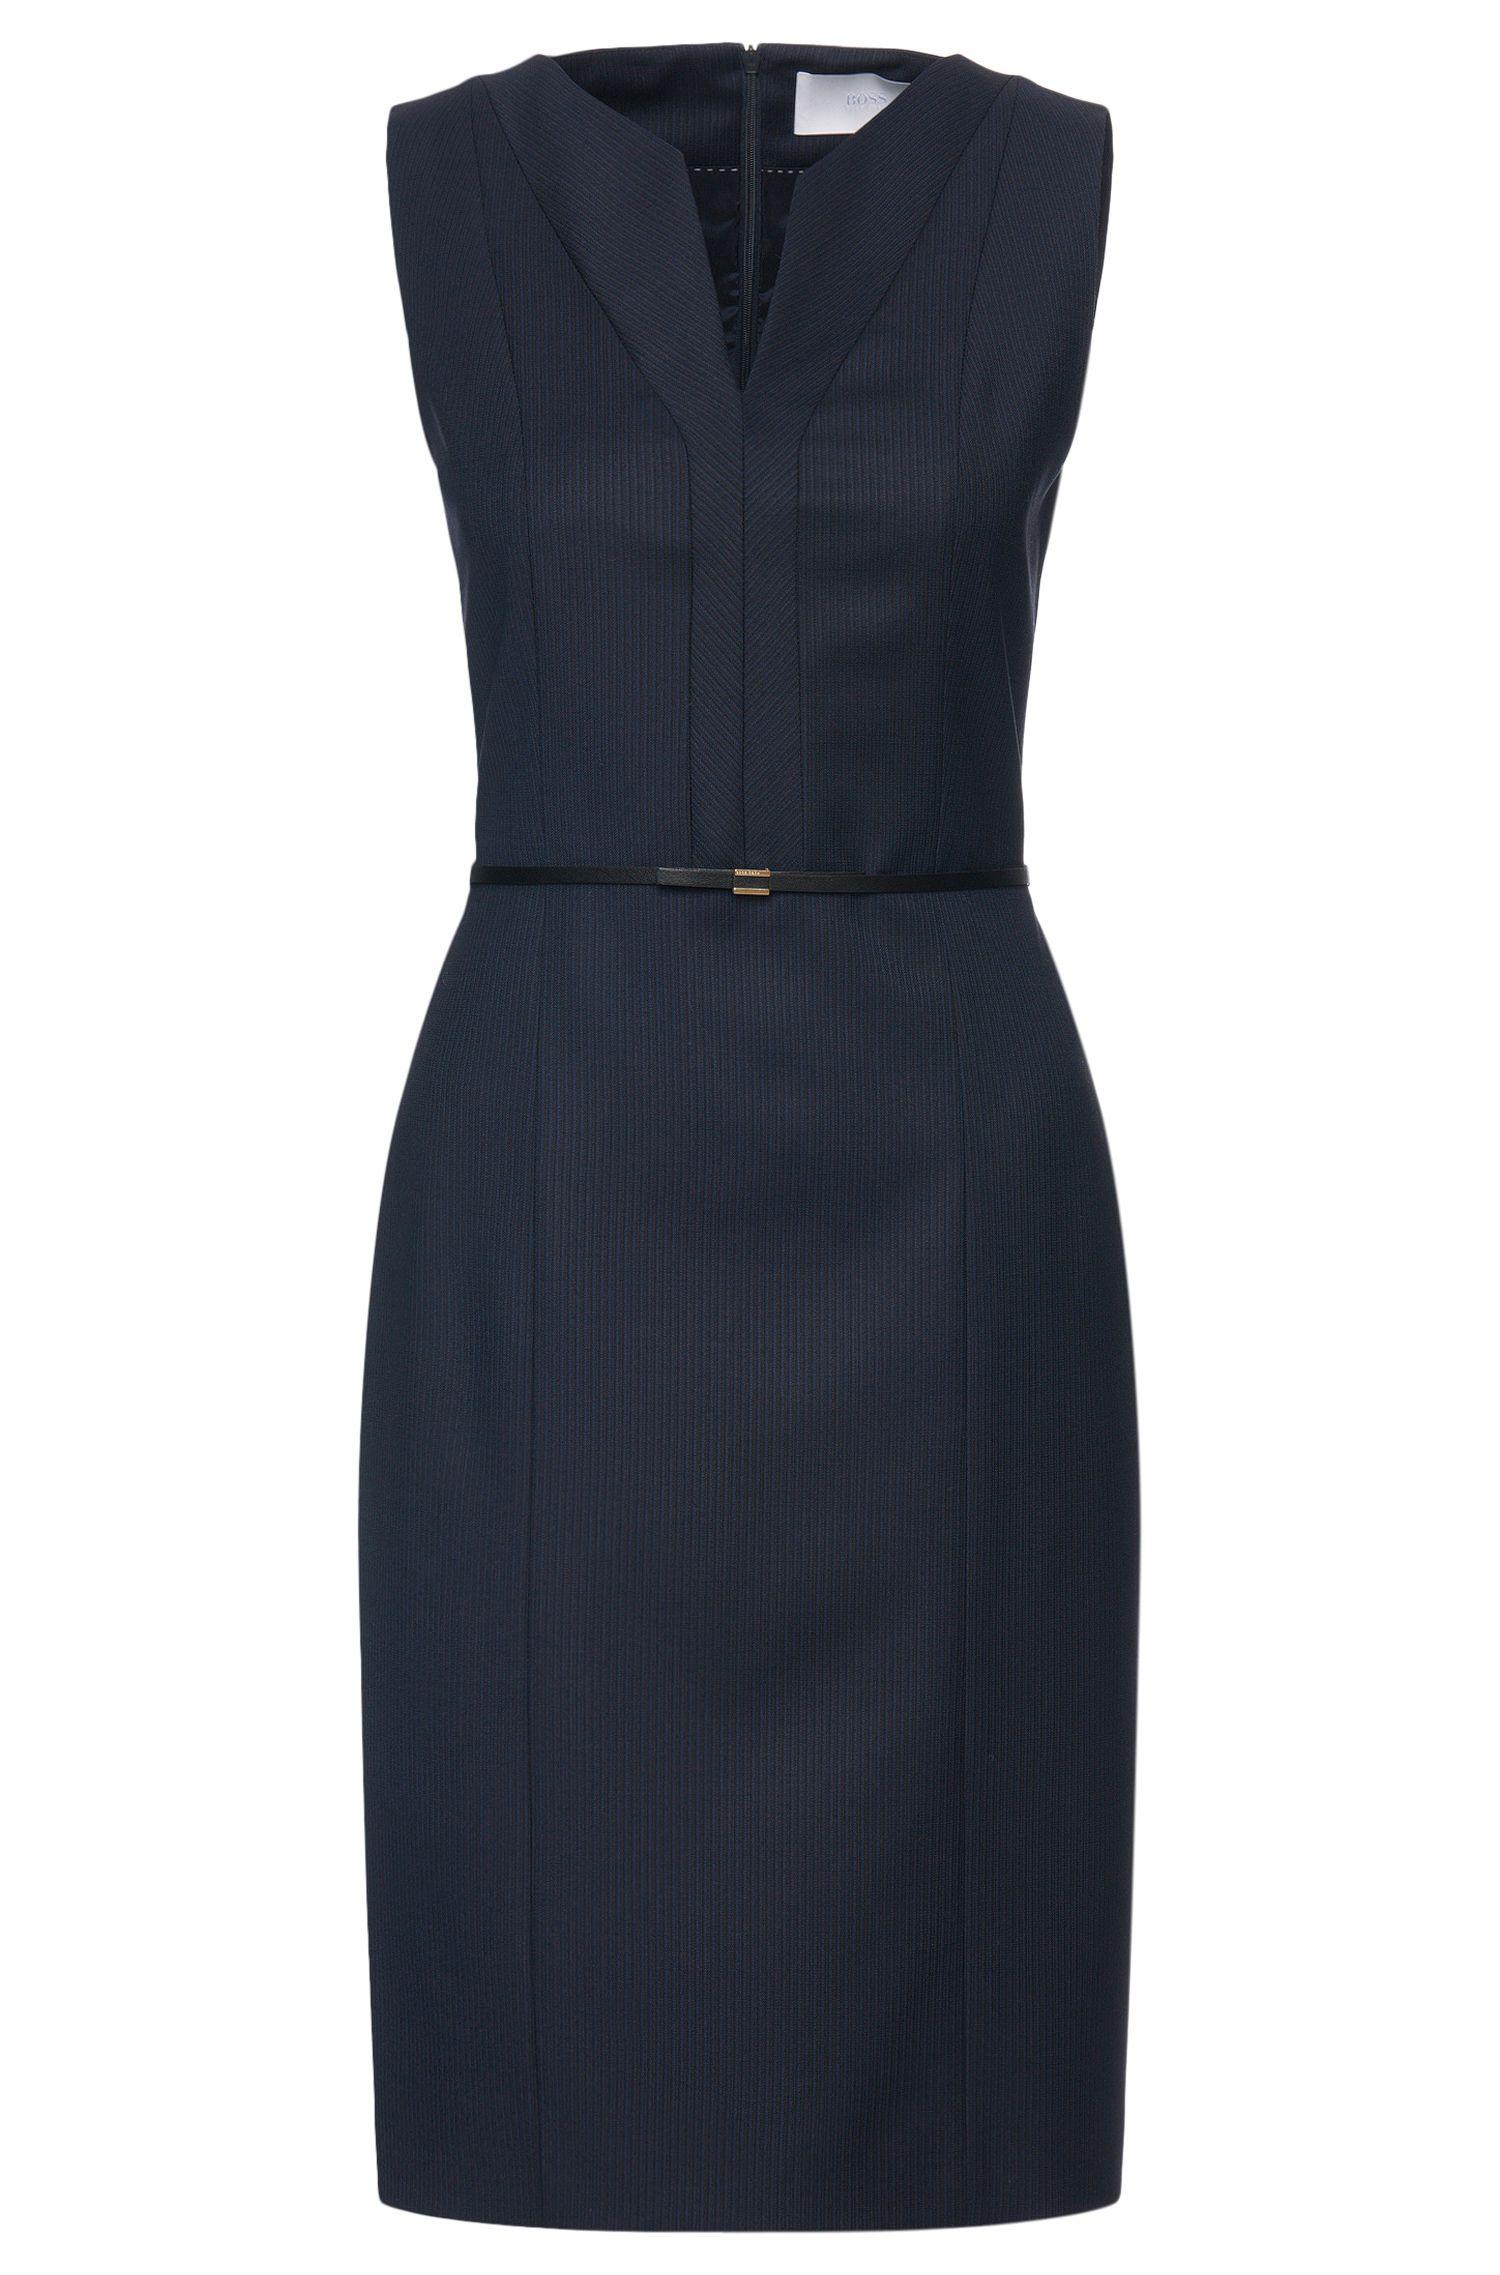 'Dalanda' | Virgin Wool Belted Ribbed Sheath Dress